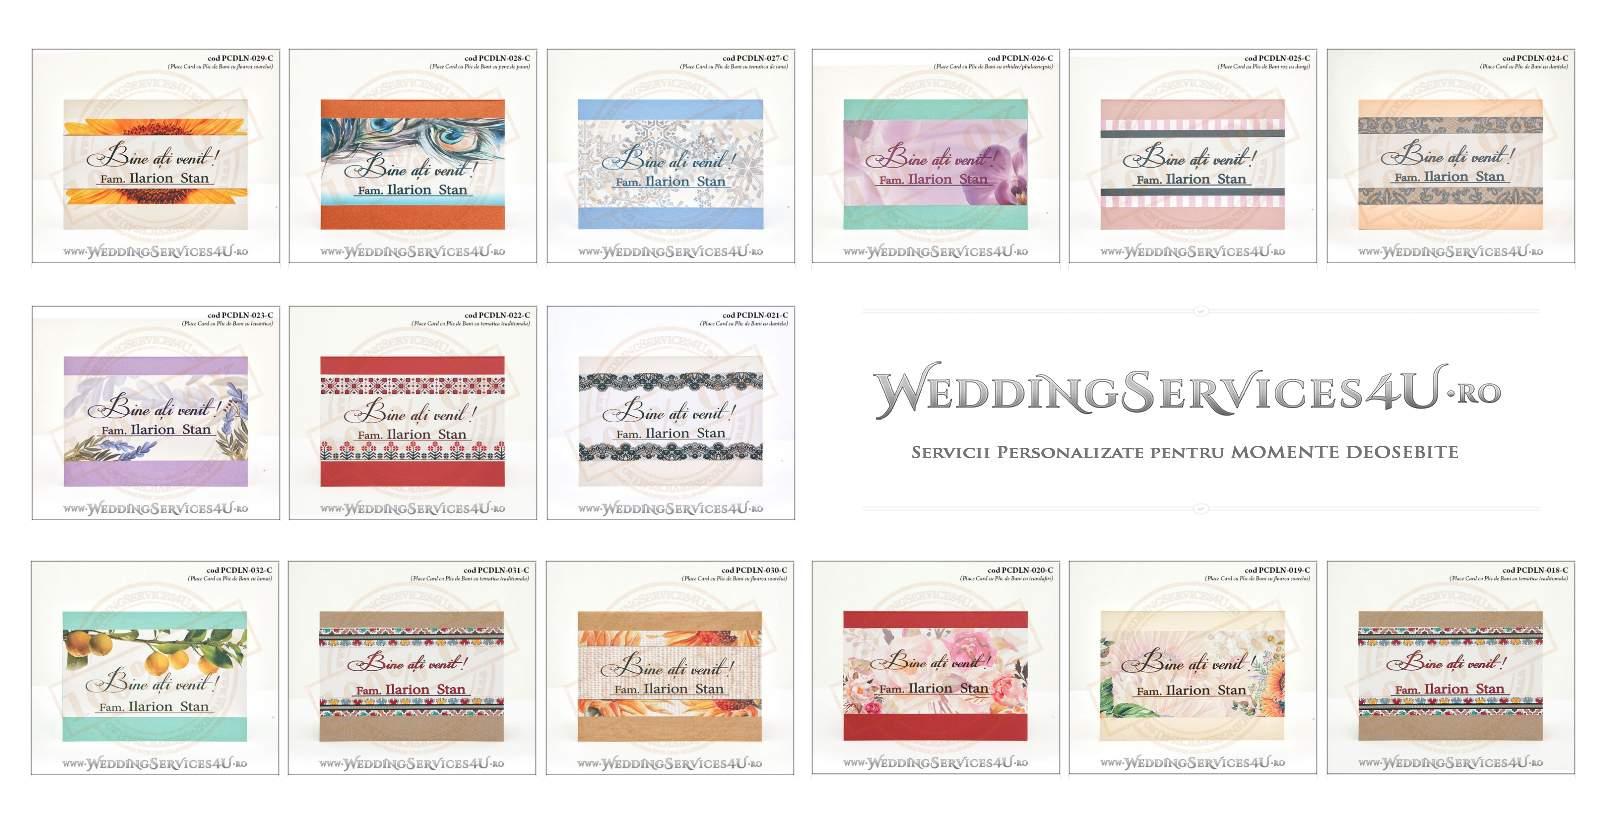 Produse Deluxe Pentru Nuntibotezuri Deosebite Weddingservices4u